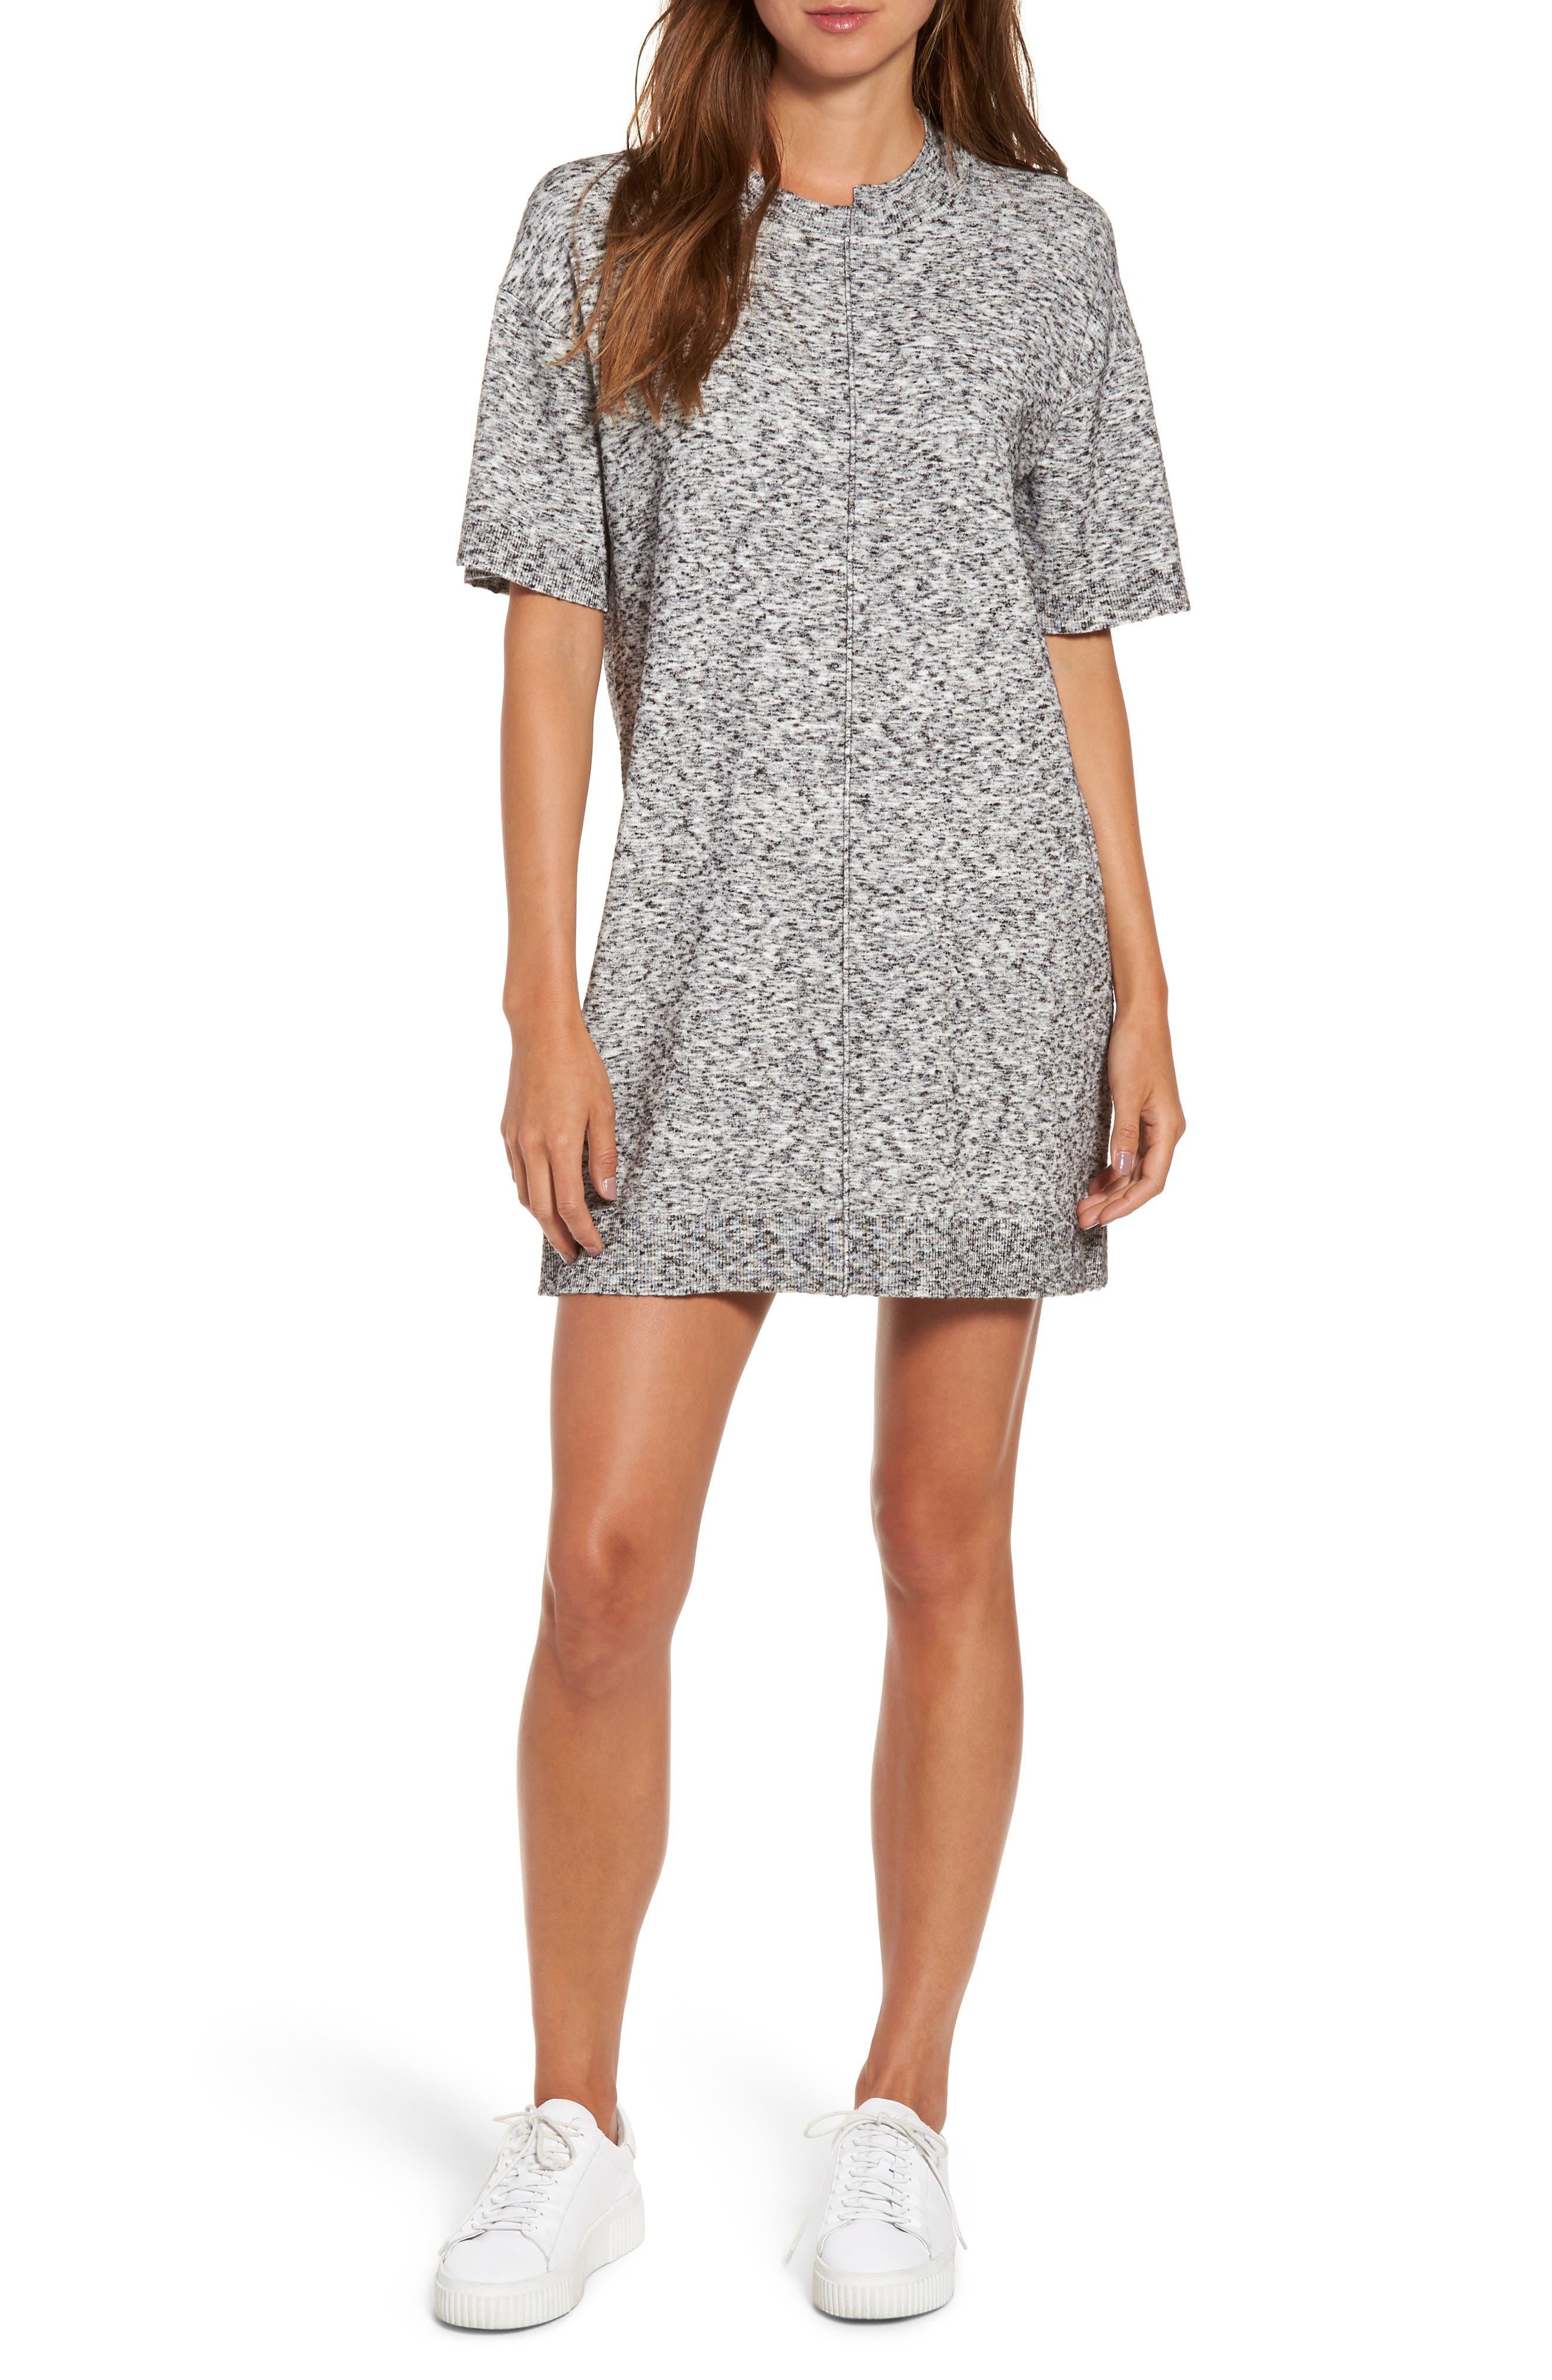 KENDALL + KYLIE Asymmetrical T-Shirt Dress